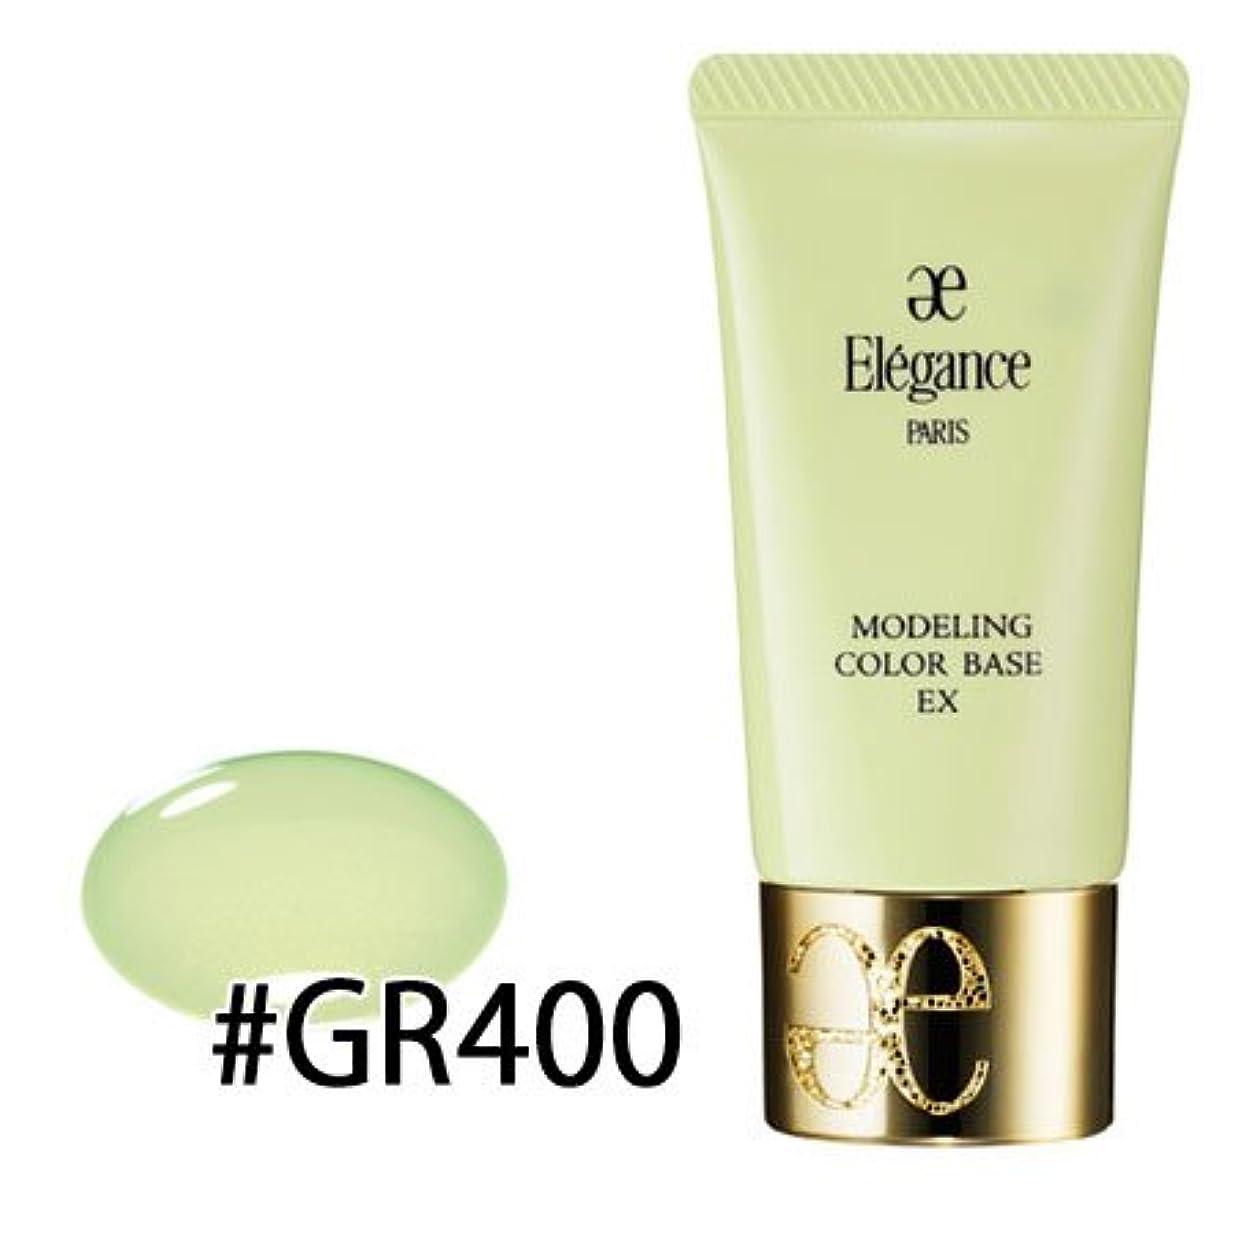 名前で枯渇する言い聞かせるエレガンス モデリング カラーベース EX #GR400